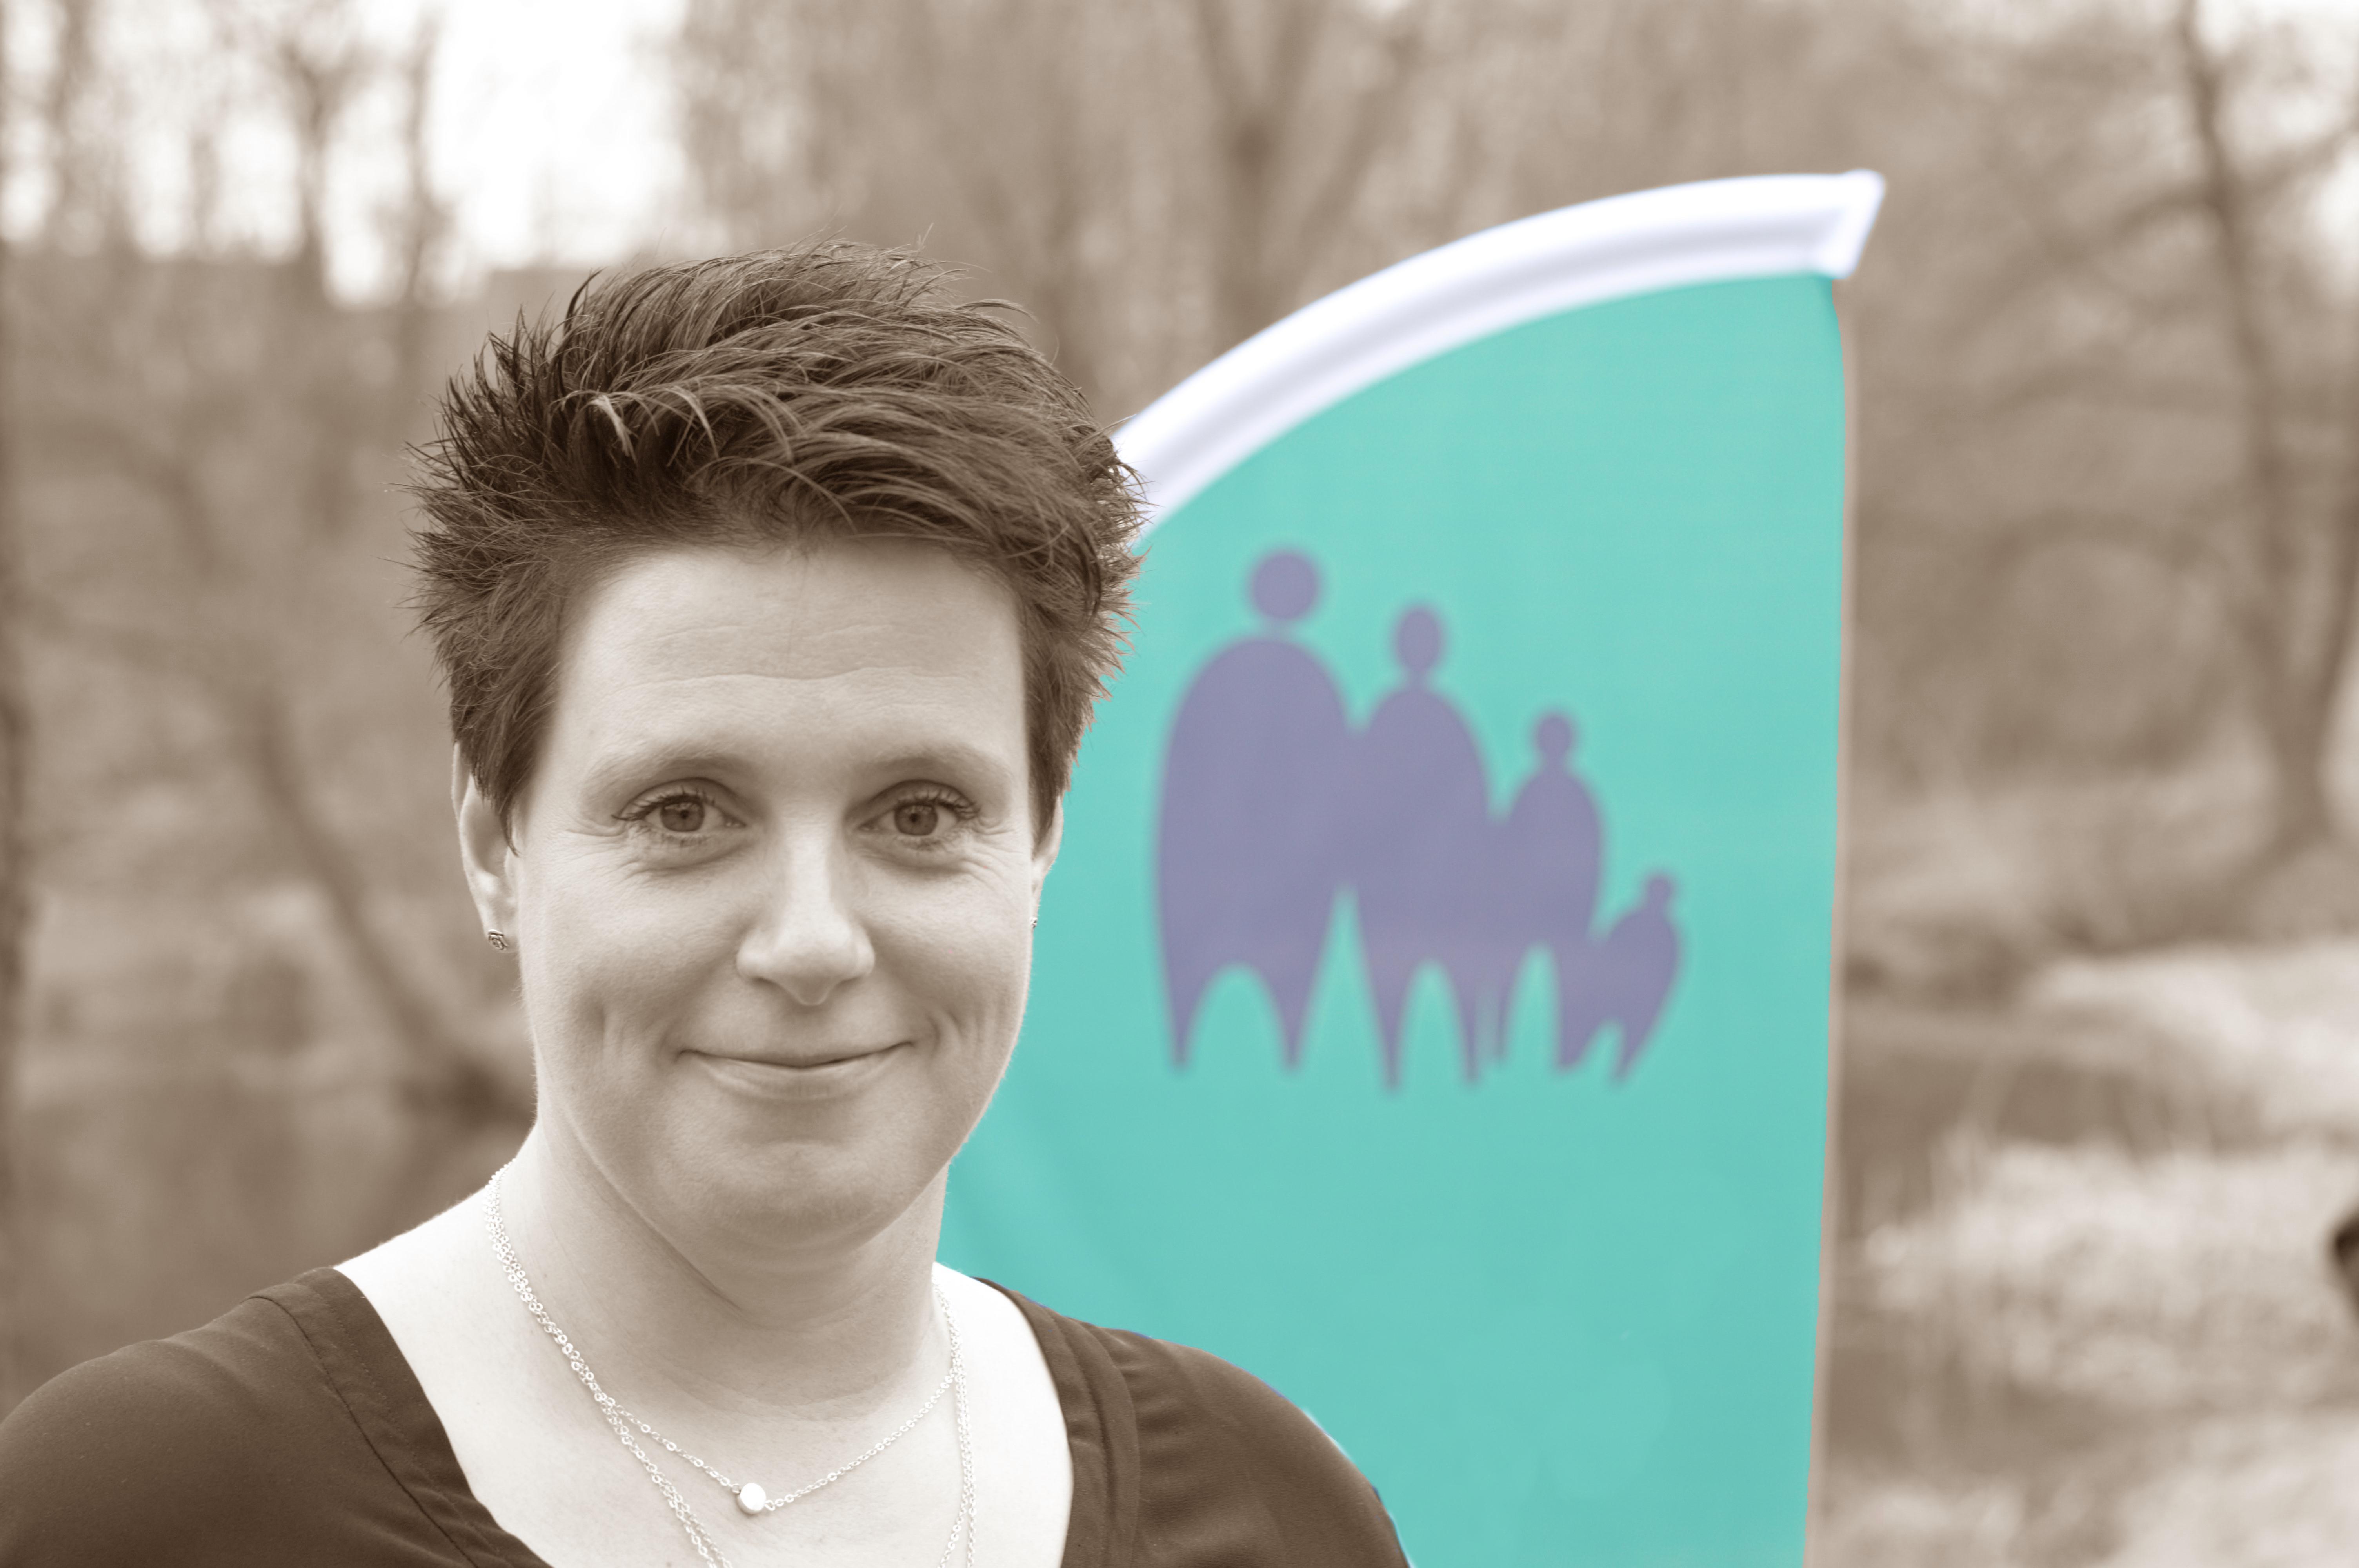 Katja Wieckhorst